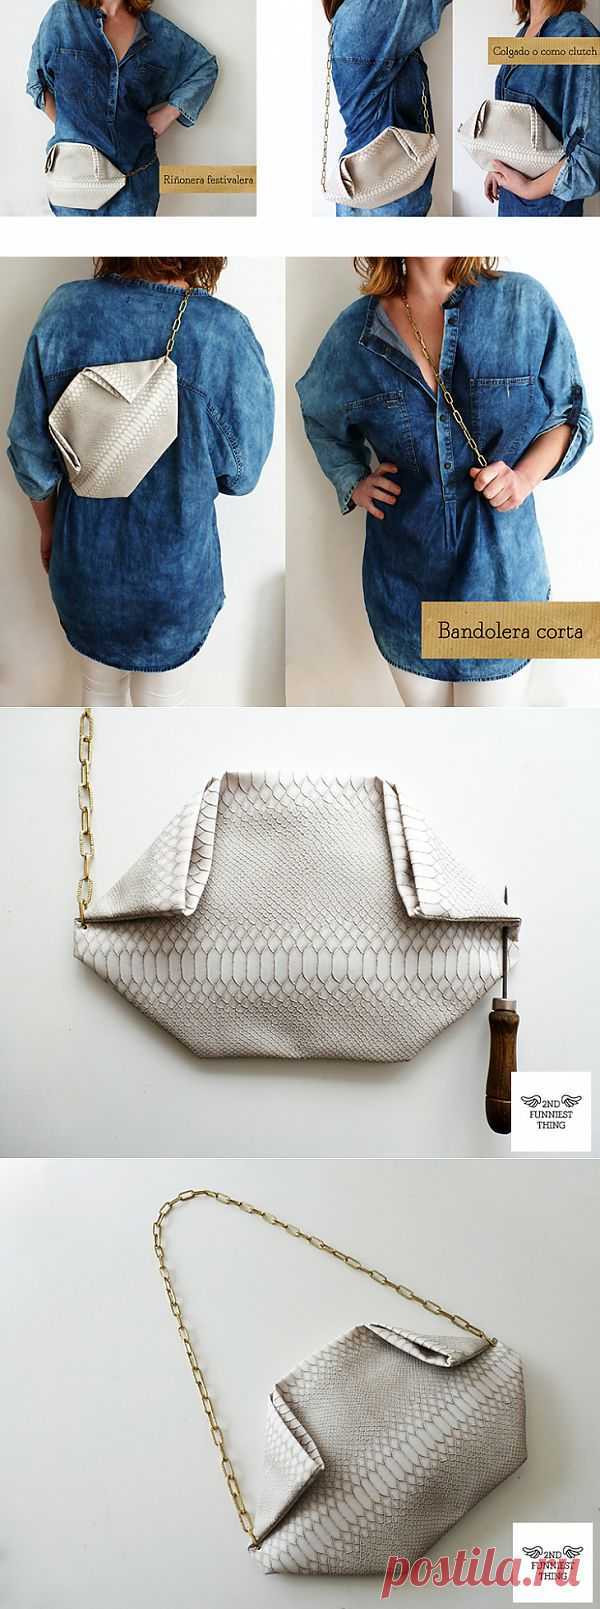 Мини-сумка недо-оригами (Diy) / Сумки, клатчи, чемоданы / Модный сайт о стильной переделке одежды и интерьера